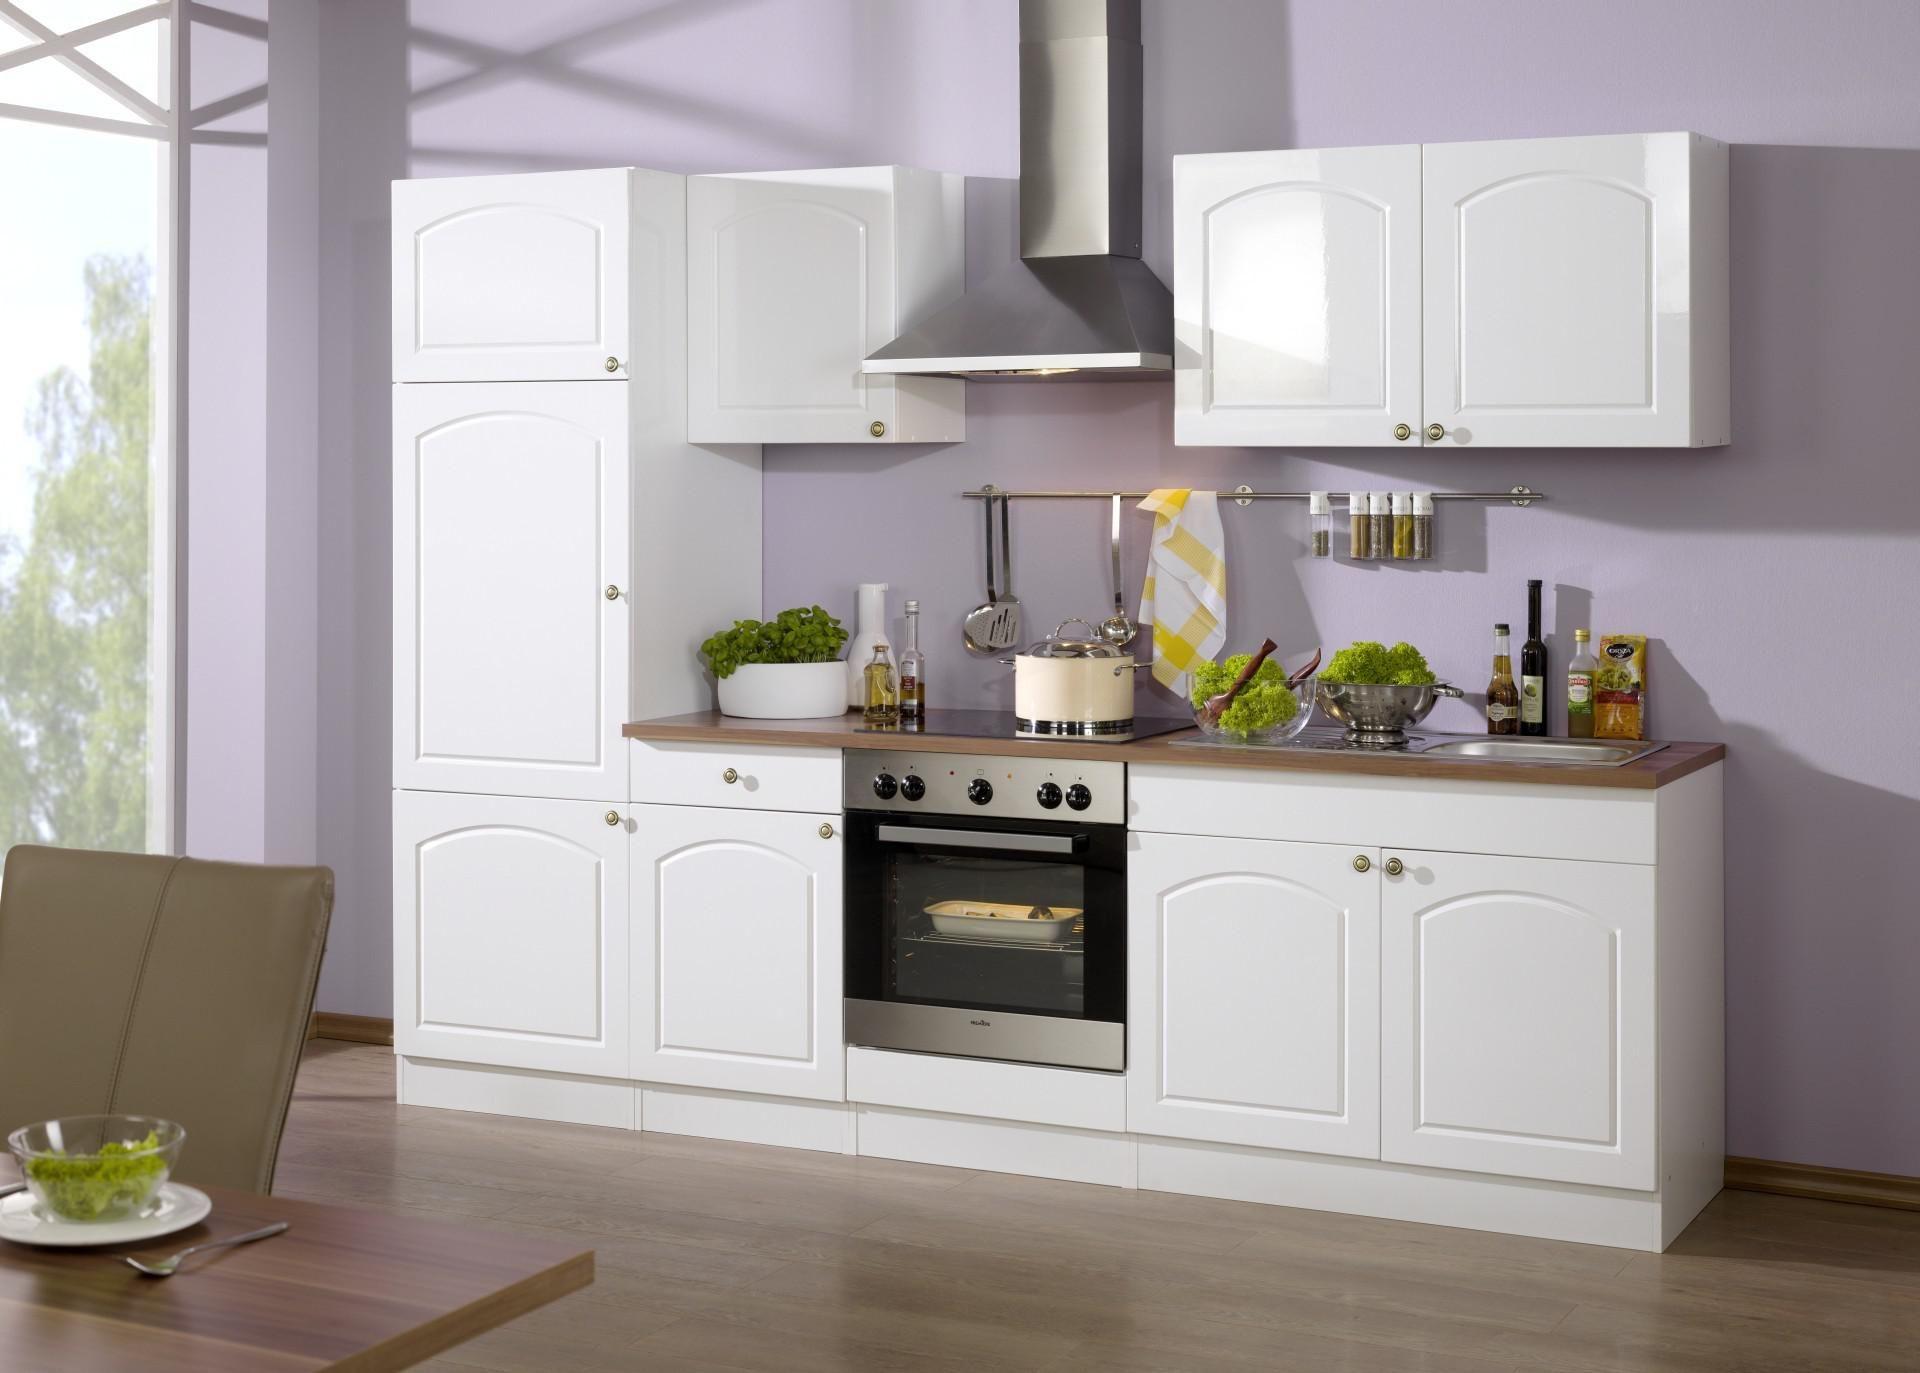 Full Size of Einbauküchen Mit Elektrogeräten L Form Kleinanzeigen Einbauküche Mit Elektrogeräten Einbauküche Gebraucht Mit Elektrogeräten Ebay Einbauküche Mit Elektrogeräten Ikea Küche Einbauküche Mit Elektrogeräten